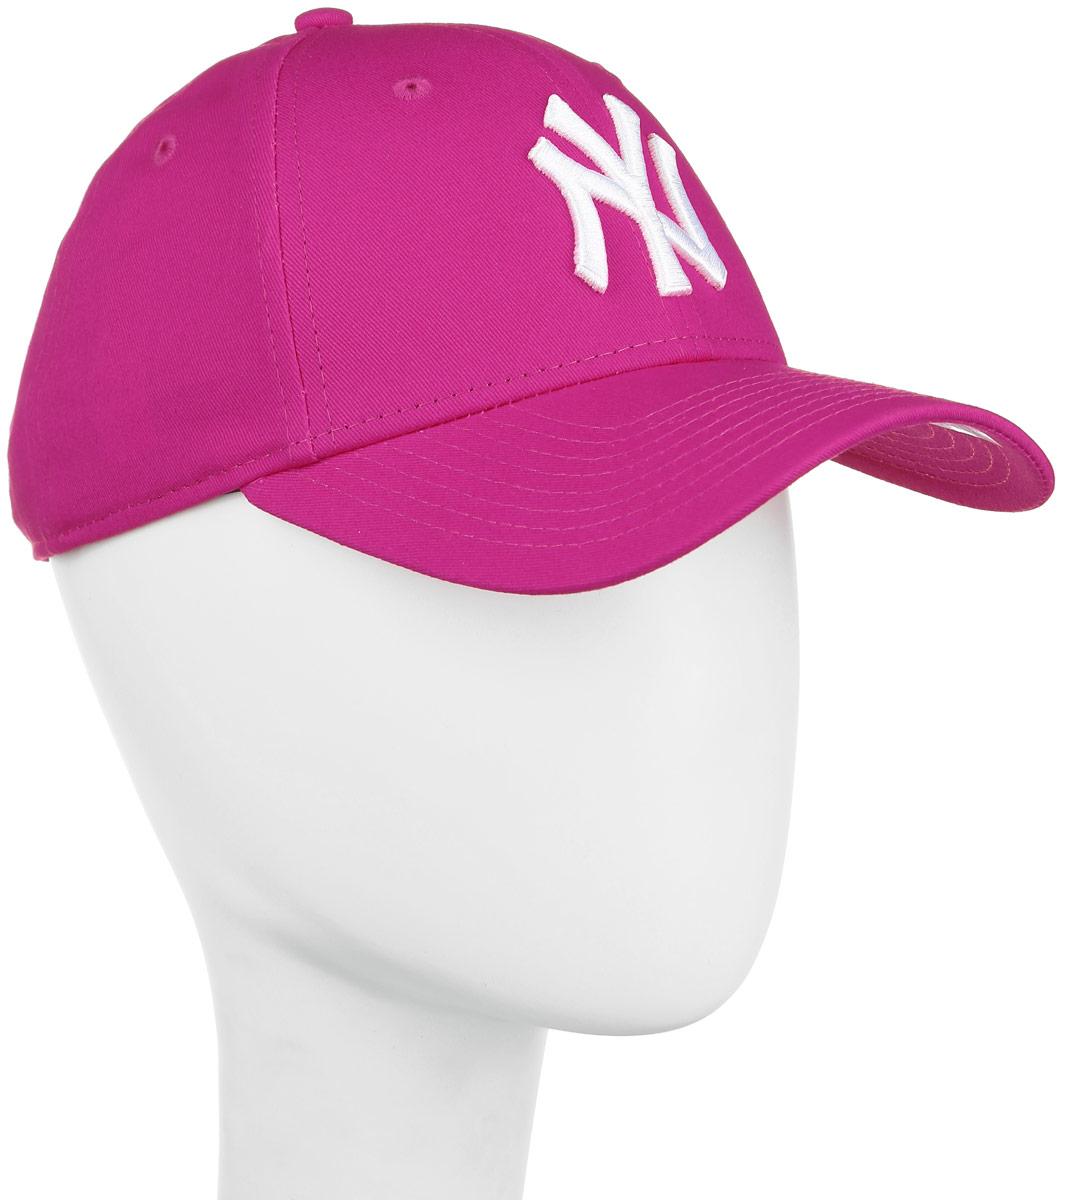 Бейсболка женская 9 Forty Fashion Essential. 11210273-BRR11210273-BRRСтильная бейсболка New Era 9 Forty Fashion Essential, выполненная из высококачественных материалов, идеально подойдет для прогулок, занятий спортом и отдыха. Изделие оформлено объемным вышитым логотипом знаменитой бейсбольной команды New York Yankees и логотипом бренда New Era. Она надежно защитит вас от солнца и ветра. Объем бейсболки регулируется металлическим фиксатором. Ничто не говорит о настоящем любителе путешествий больше, чем любимая кепка. Эта модель станет отличным аксессуаром и дополнит ваш повседневный образ.